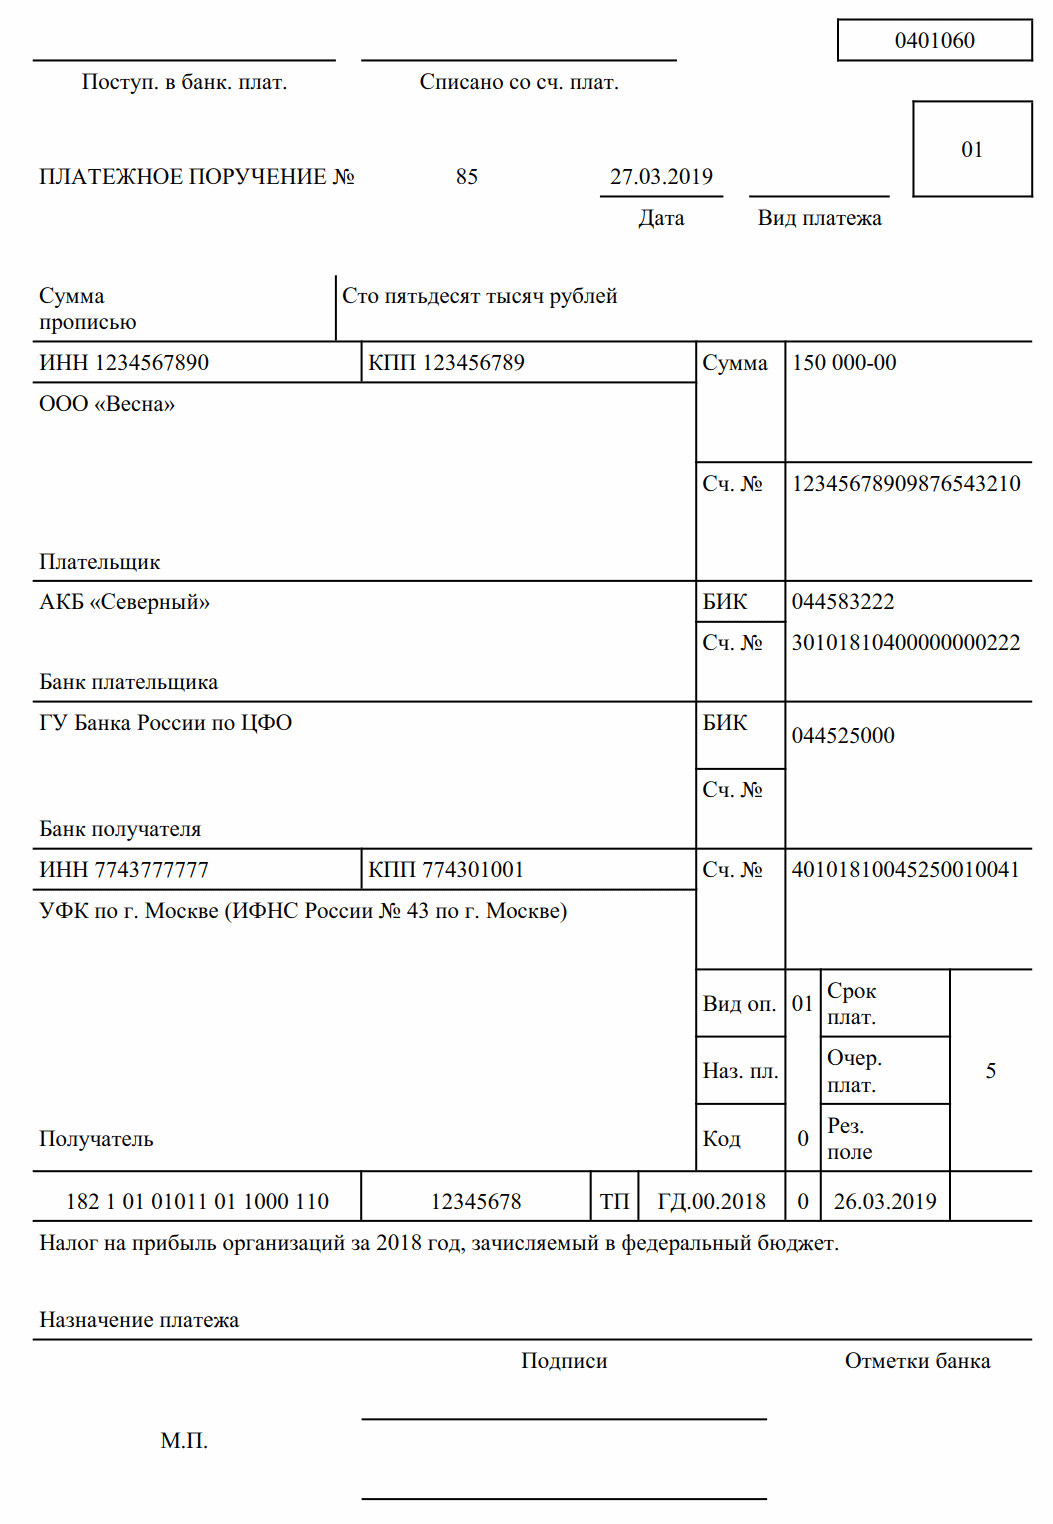 Доклад на тему налог на прибыль организации